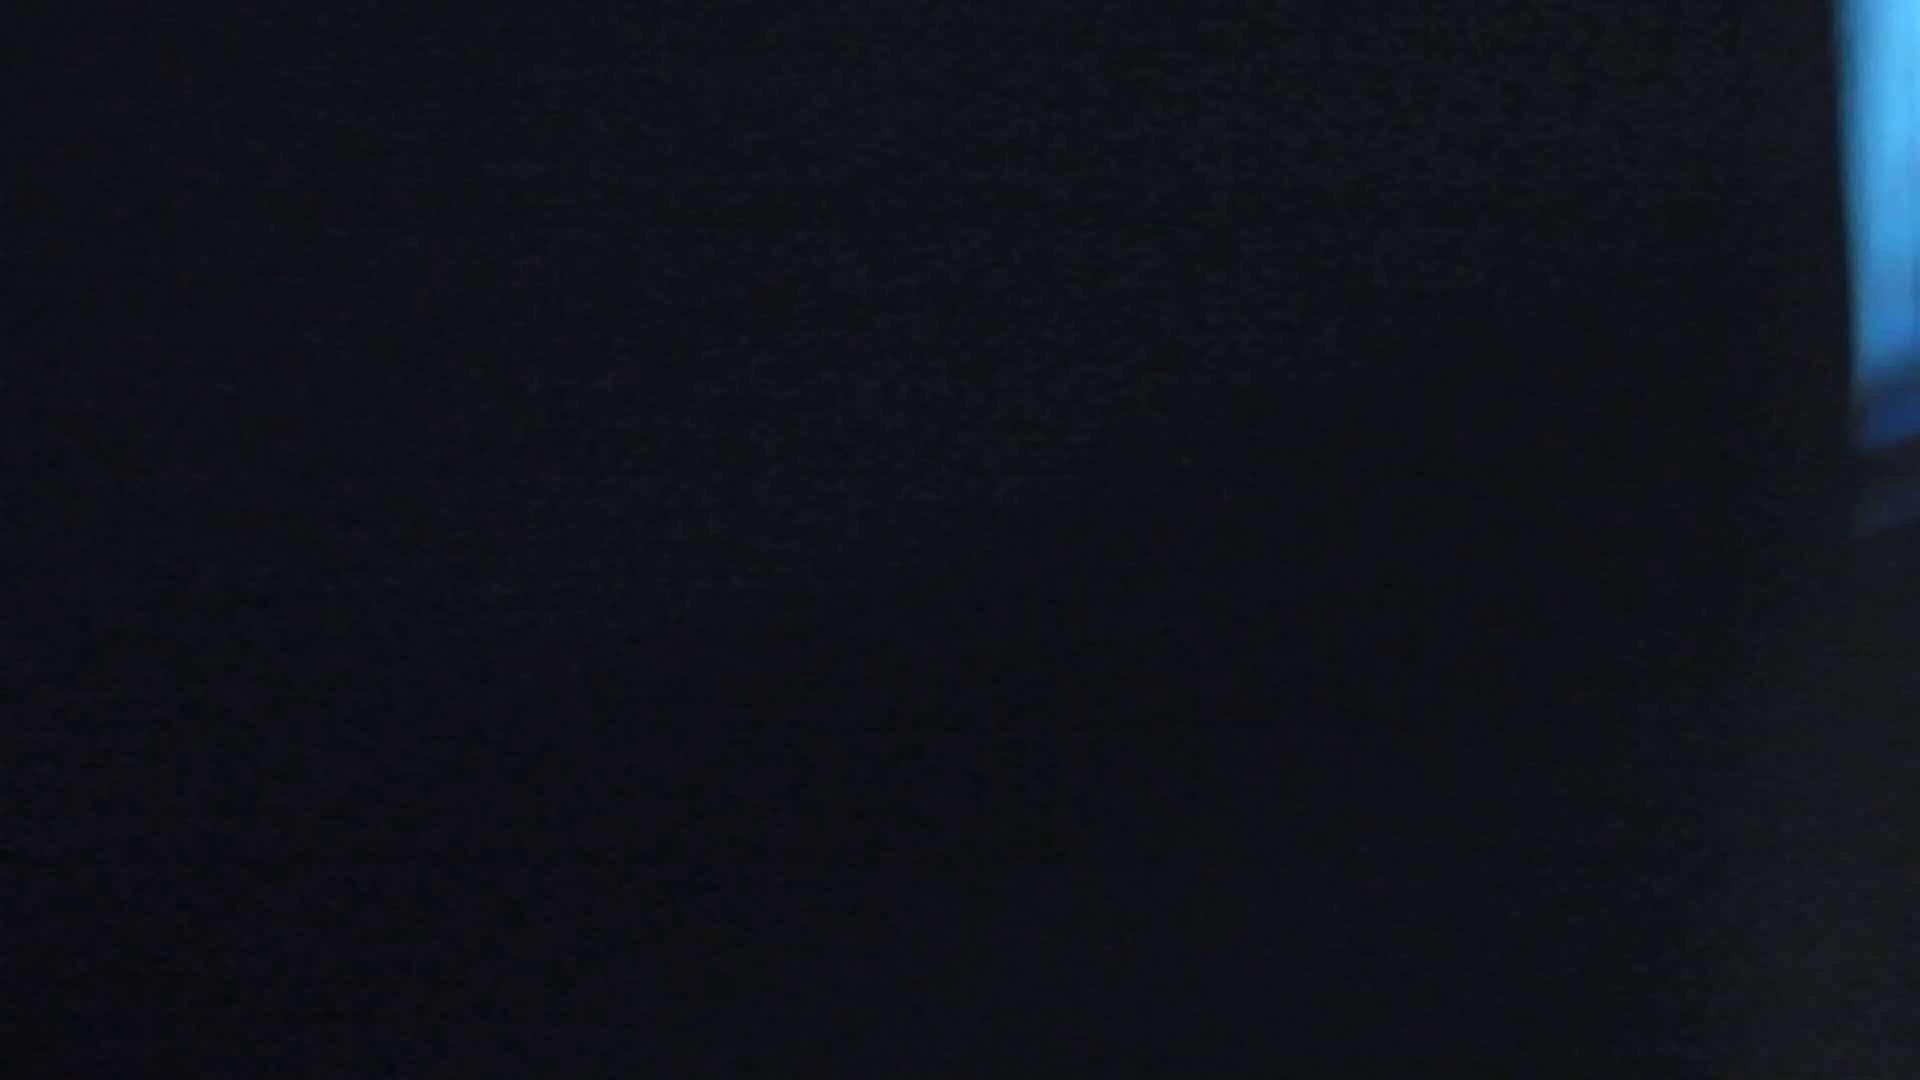 世界の射窓から vol.44 お上品そうな ギャル攻め ワレメ無修正動画無料 83画像 57